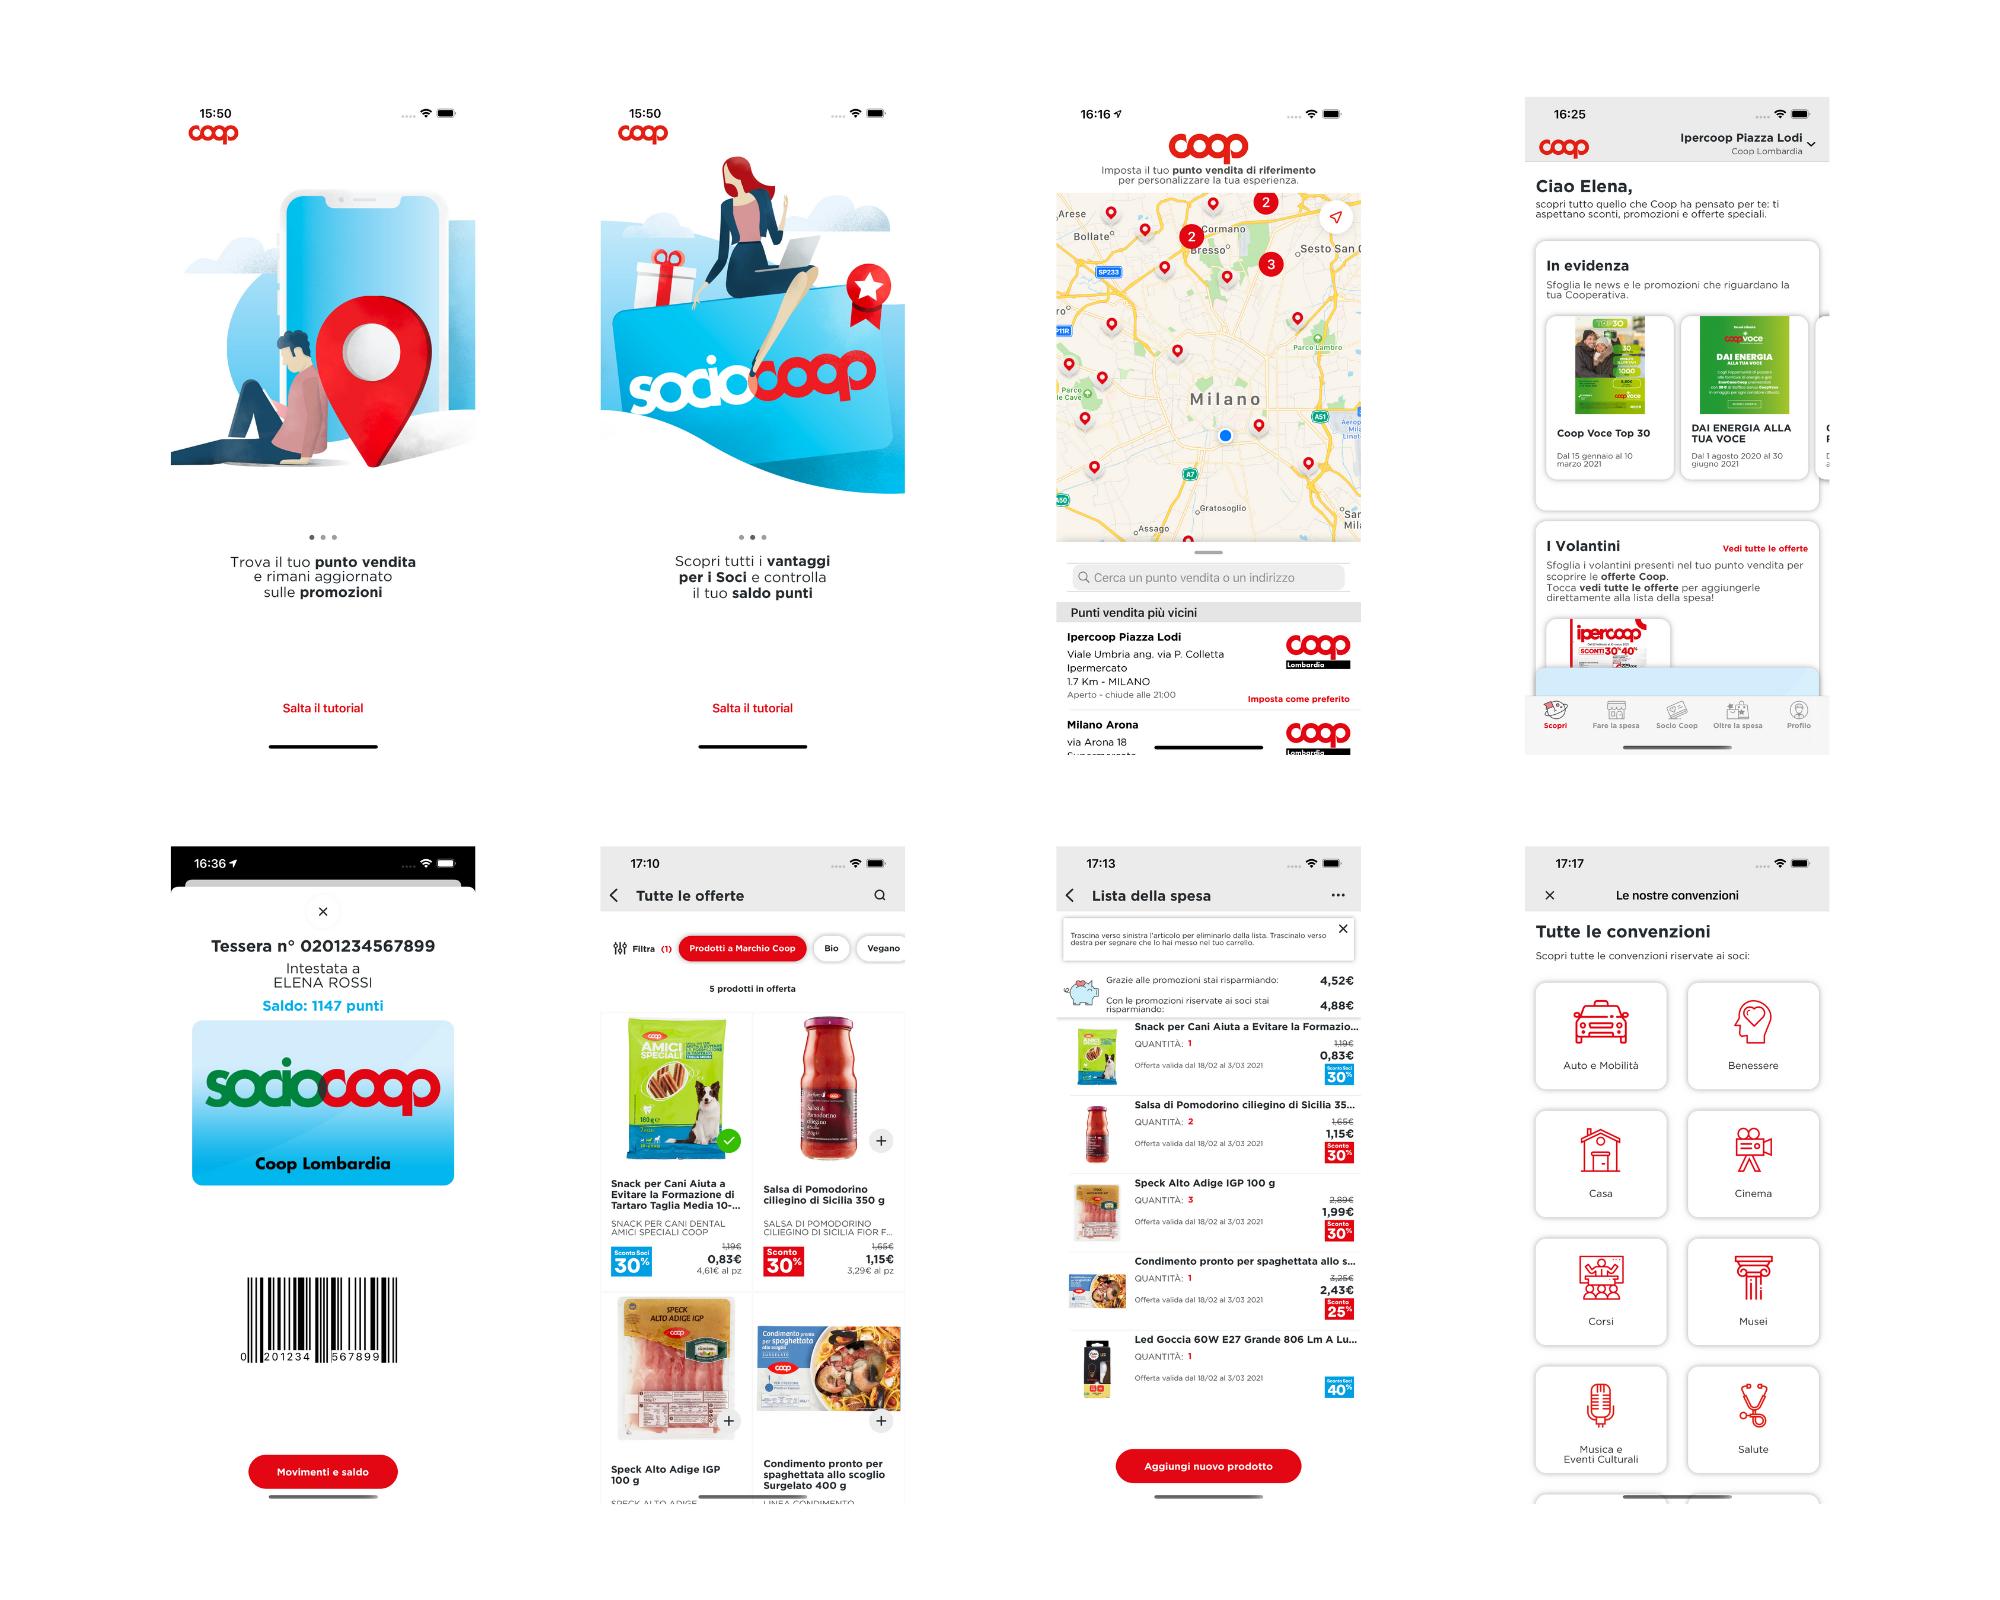 redesign coop app